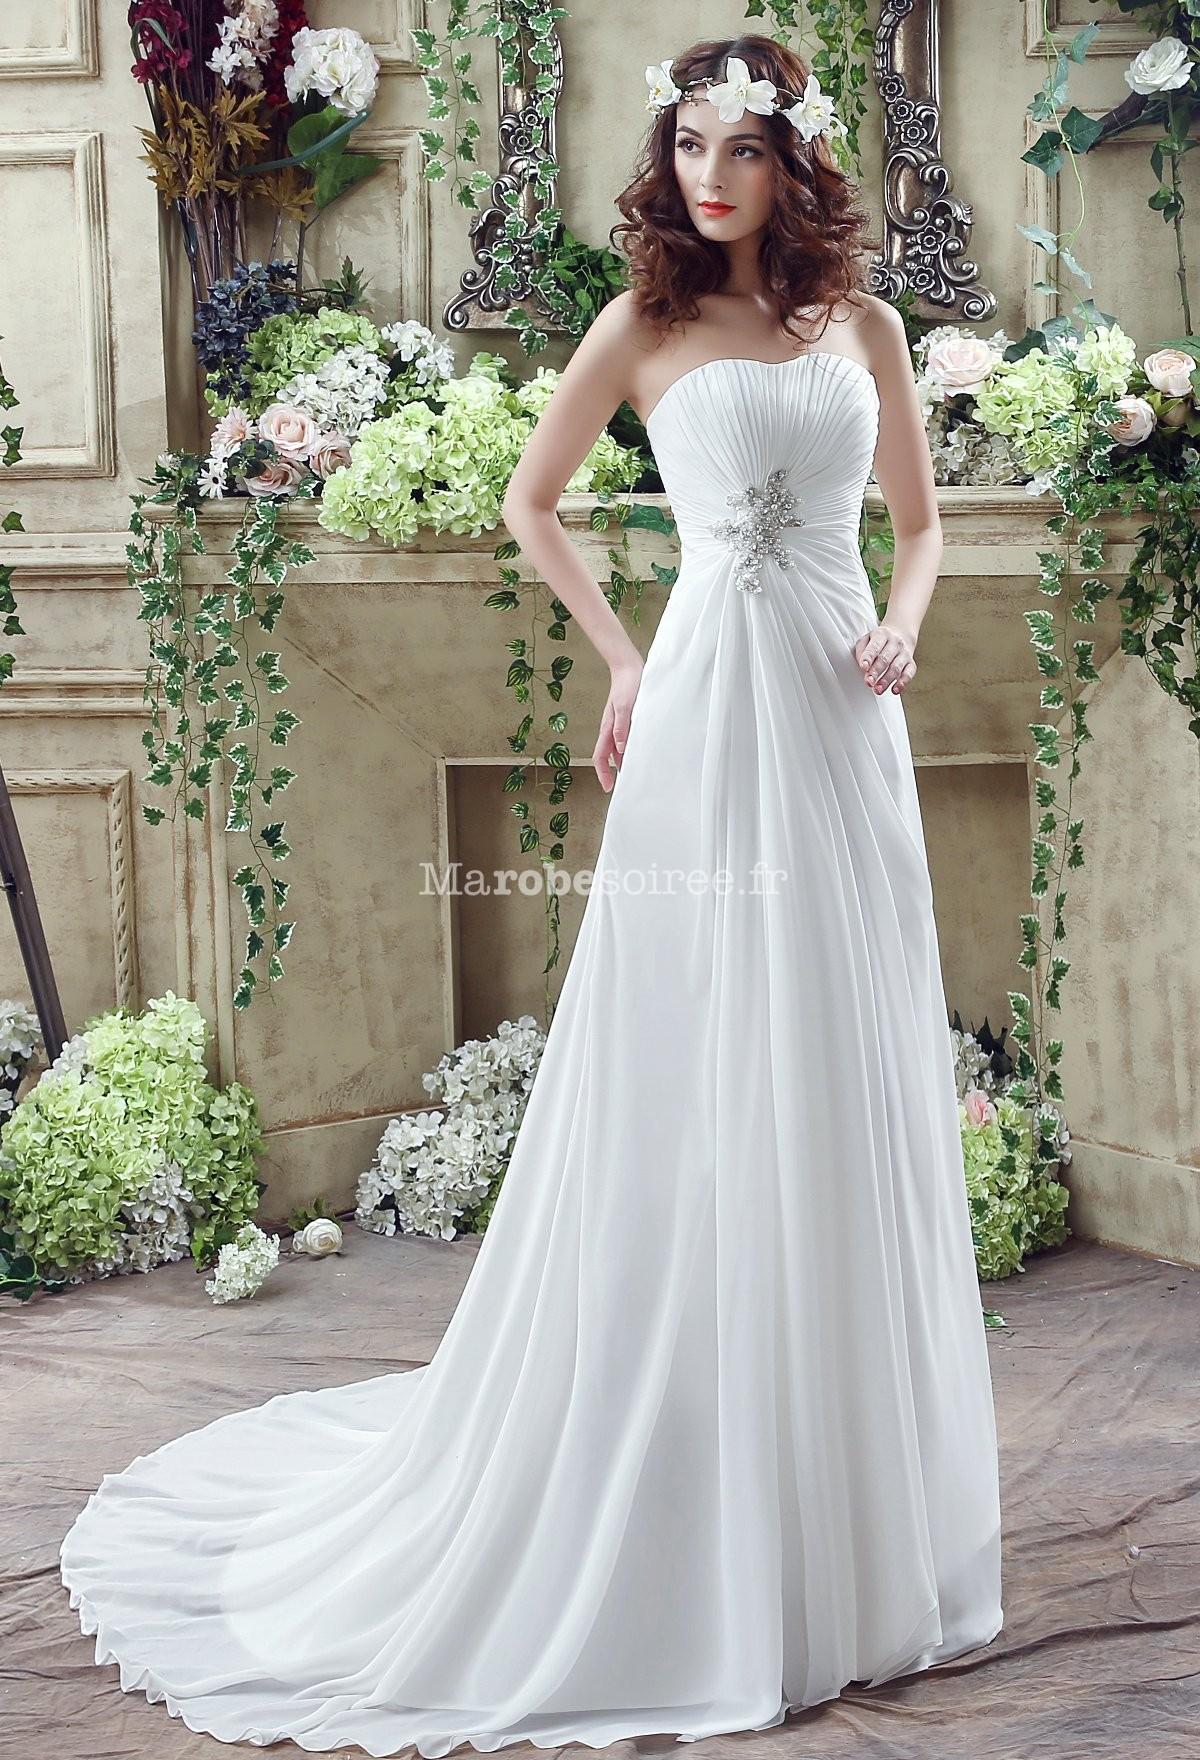 Accueil / Robe de mariée élégante et sobre réf SQ242 - sur demande